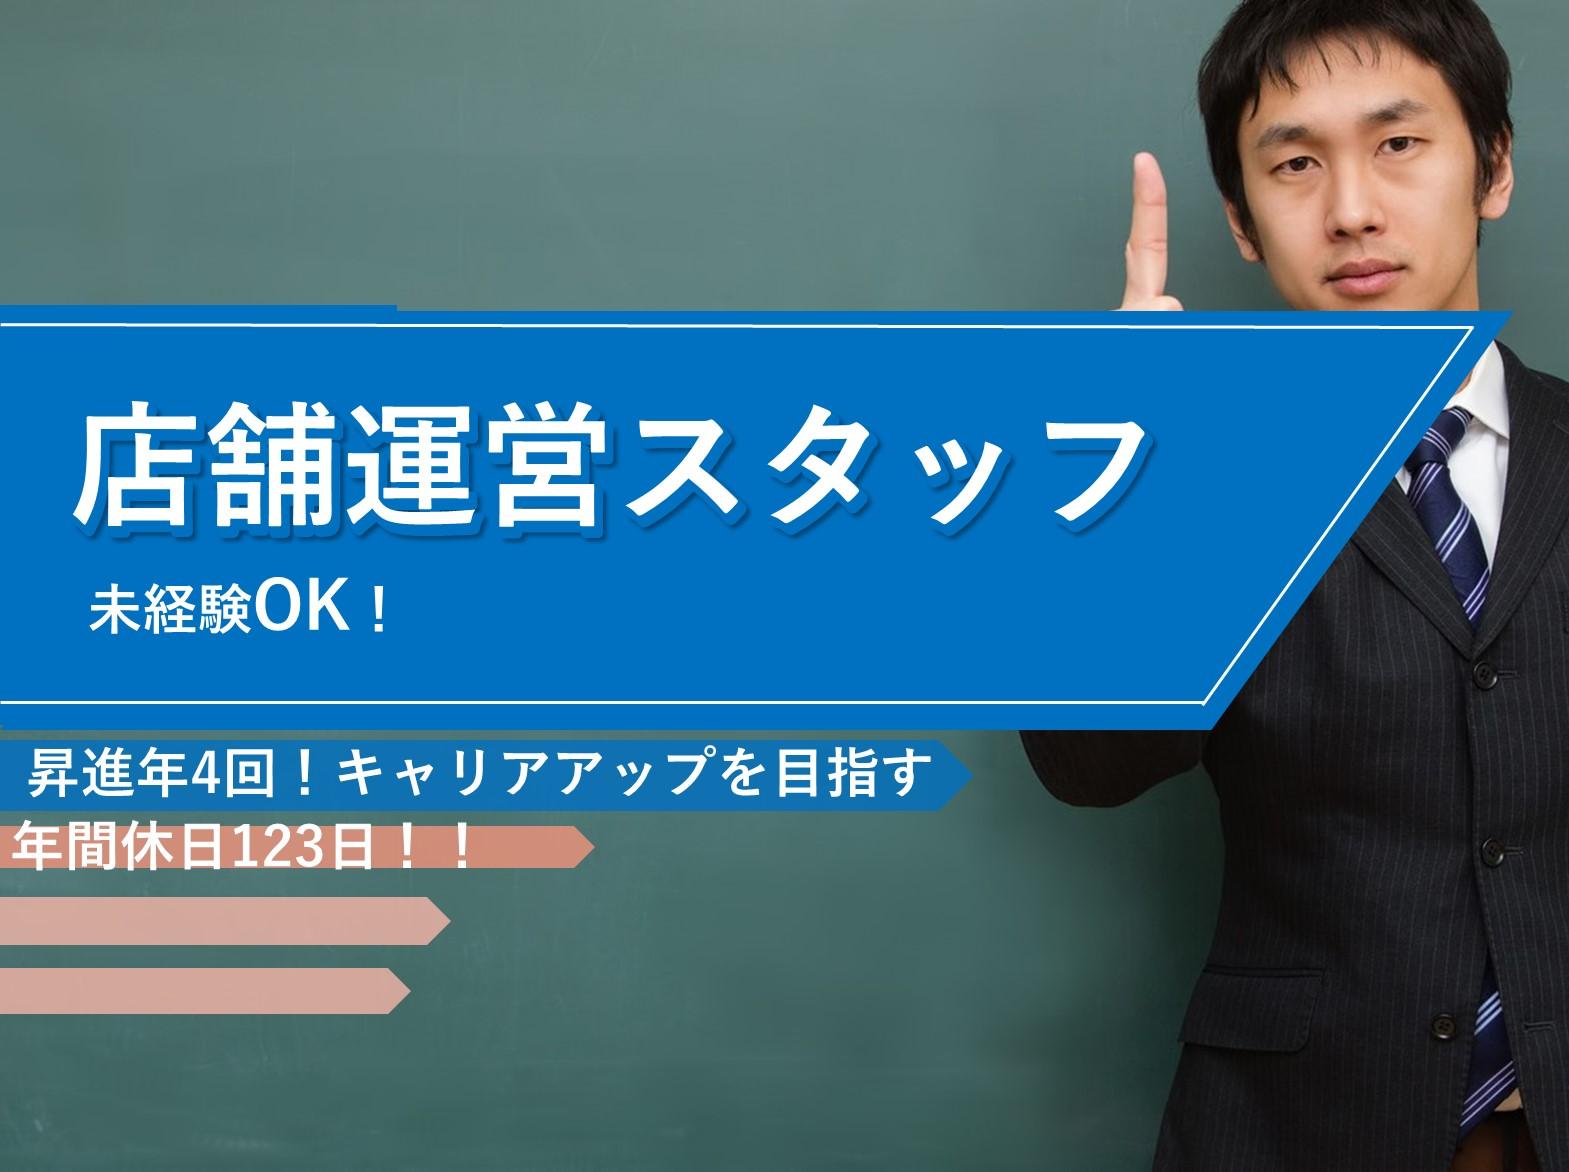 急募【日進市】牛丼屋店舗運営スタッフ★昇進チャンス4回!年休123日! イメージ